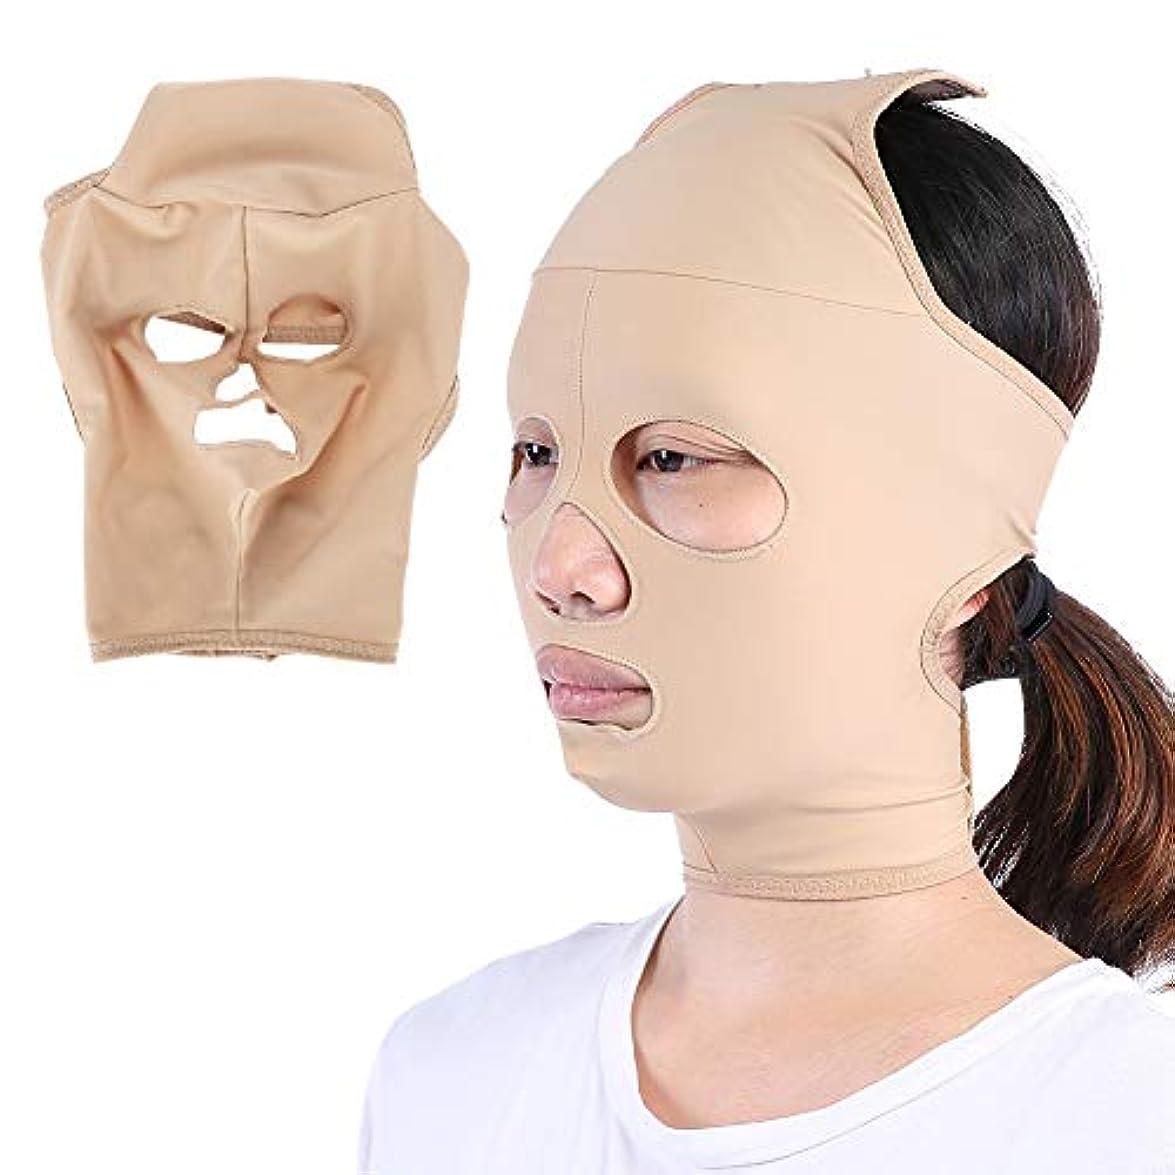 体忠実臭い顔の减量のベルト、完全なカバレッジ 顔のVラインを向上させる 二重顎を減らす二重顎、スキンケア包帯(S)